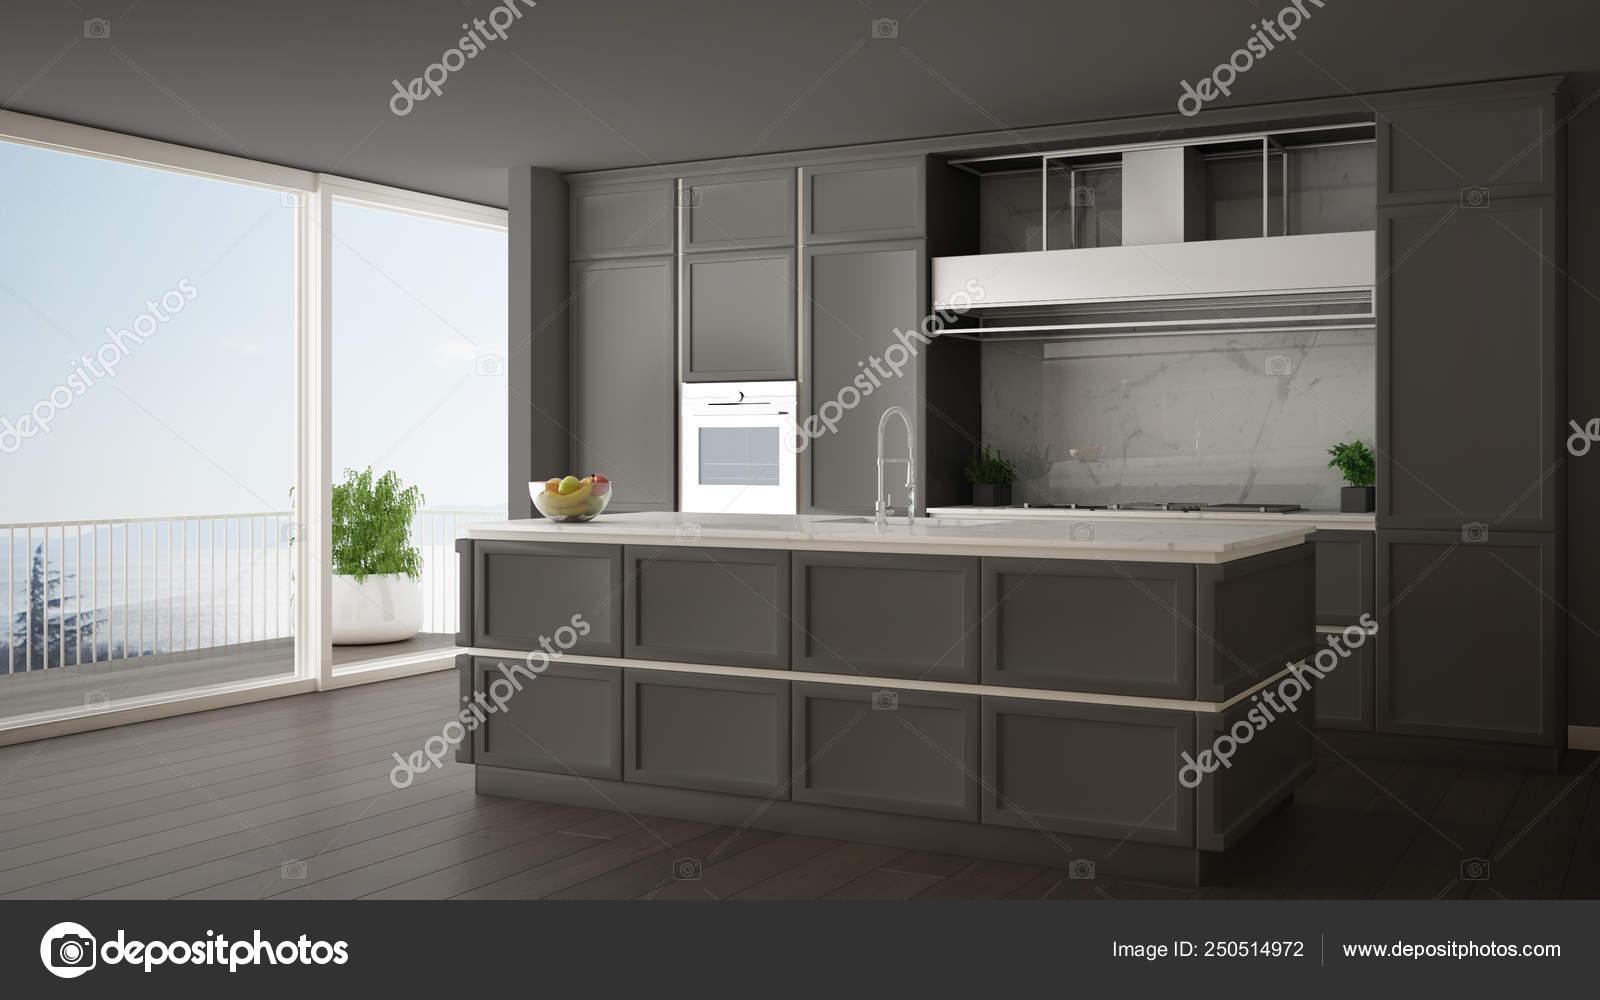 Cucina classica grigio in moderno open space con pavimento ...